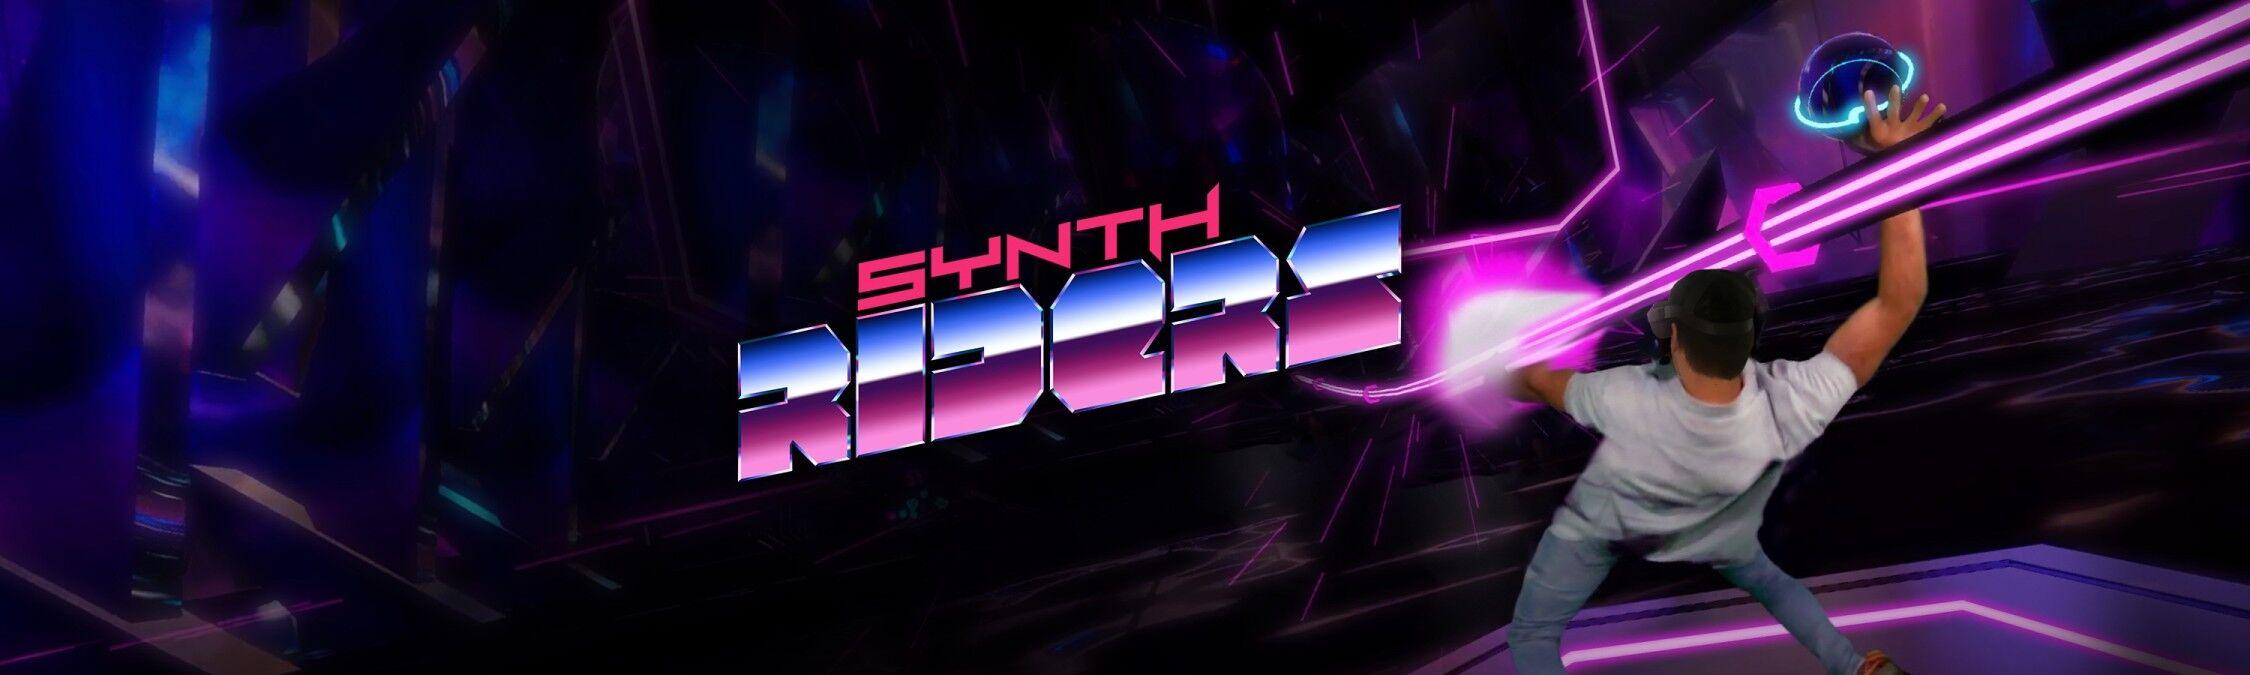 Synth Riders erscheint für die Oculus Quest